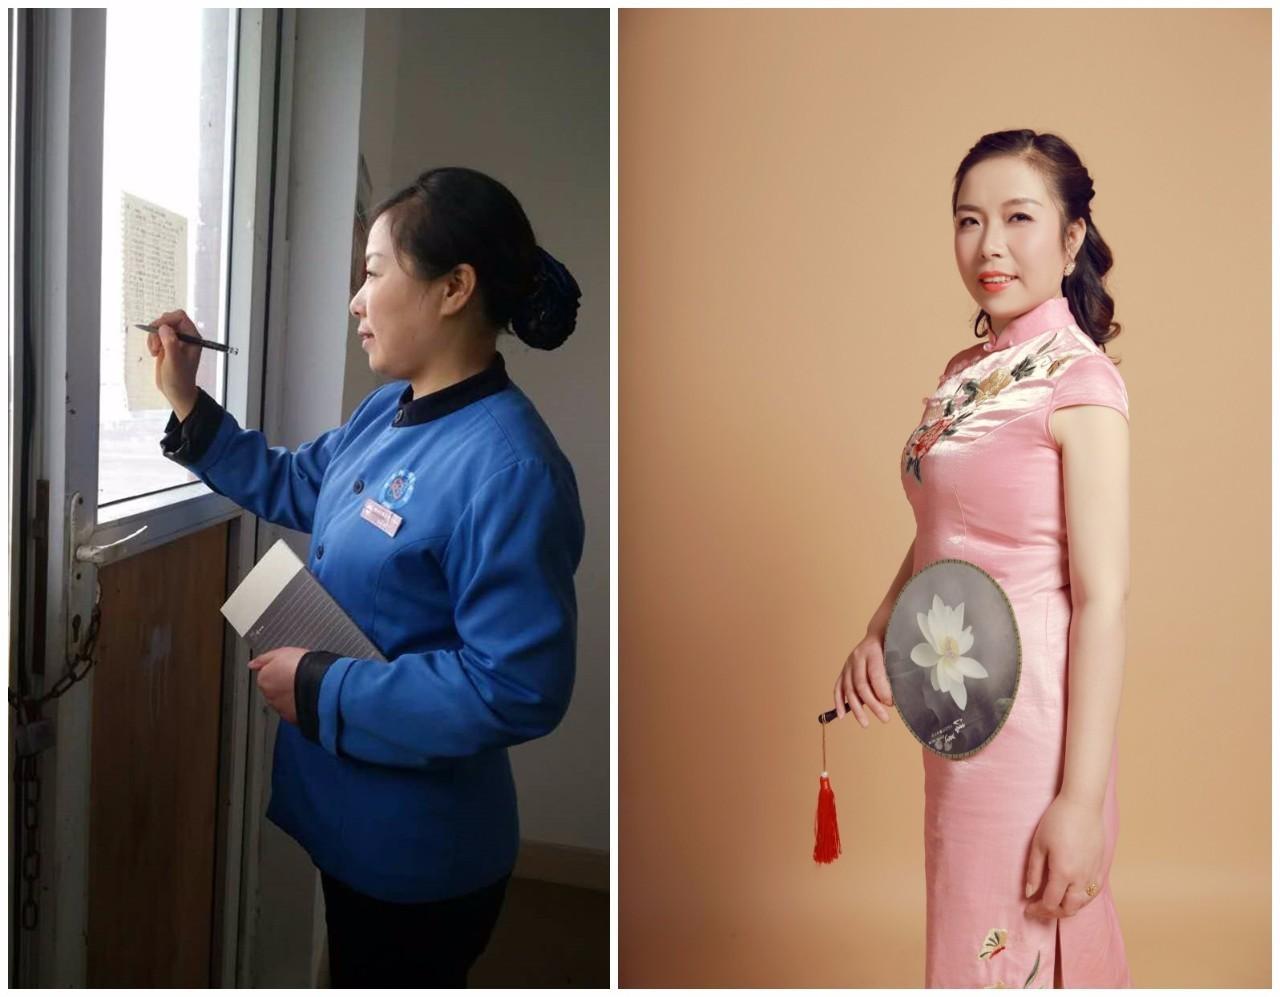 近日,电子科技大学为该校的宿管阿姨拍摄了一组艺术照片,在这组对比